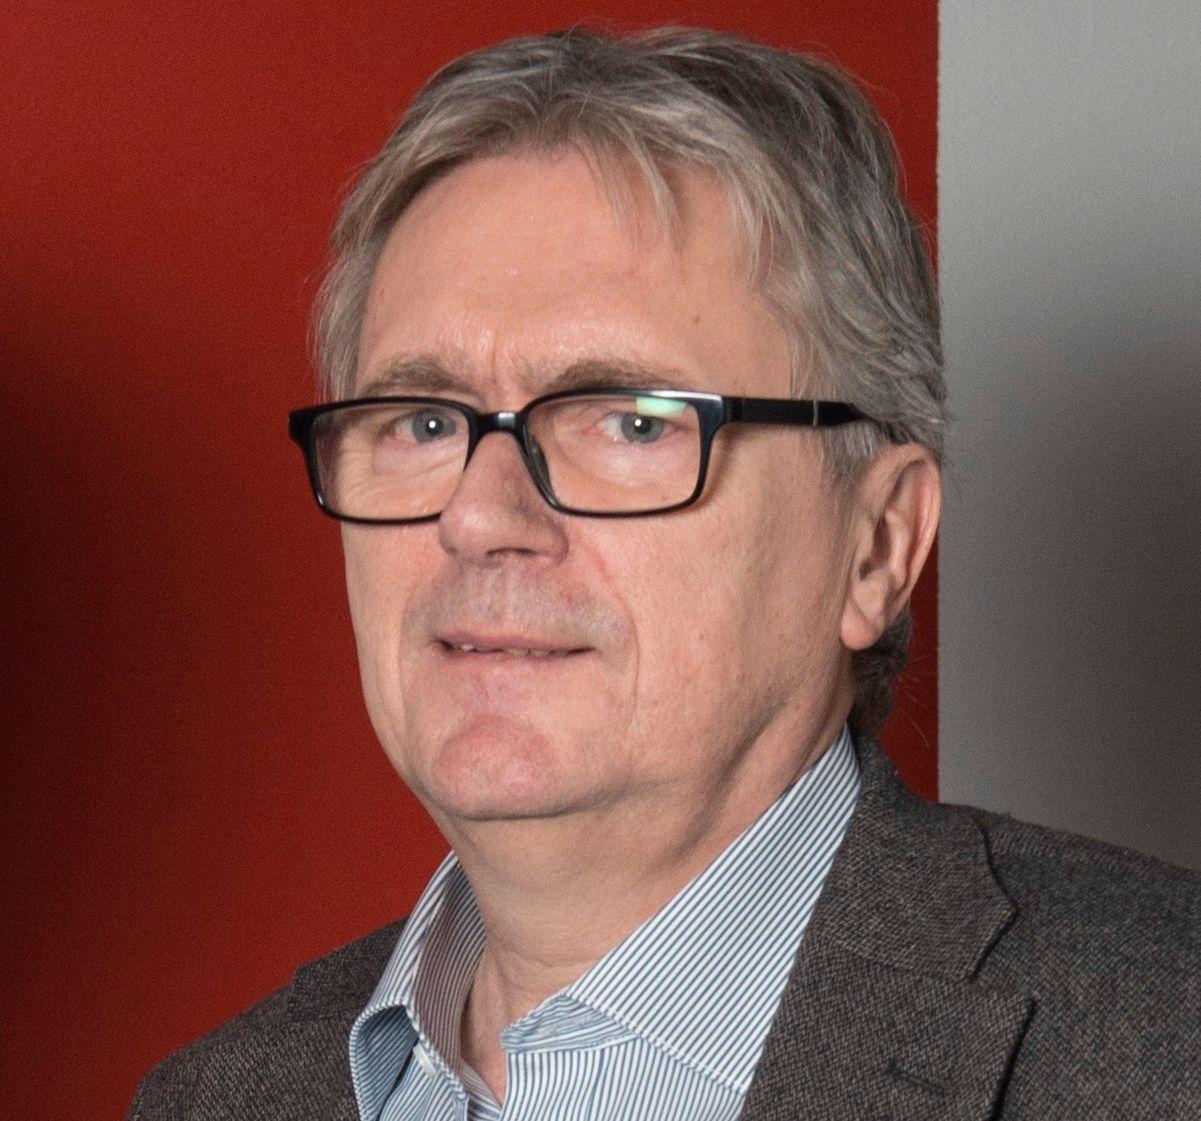 Eirik Haga